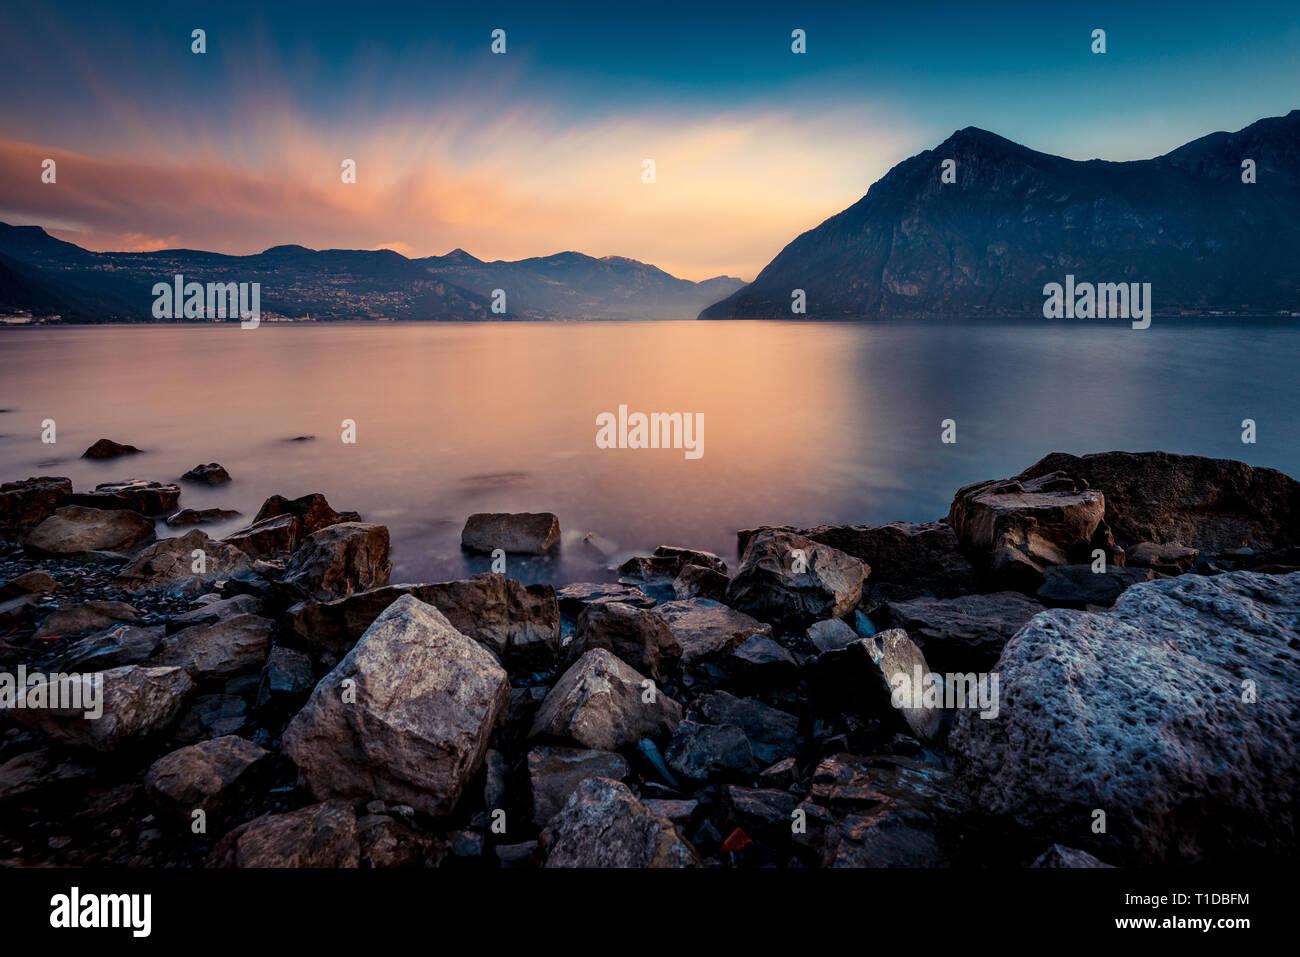 beautiful calm water lake landscape - Stock Image